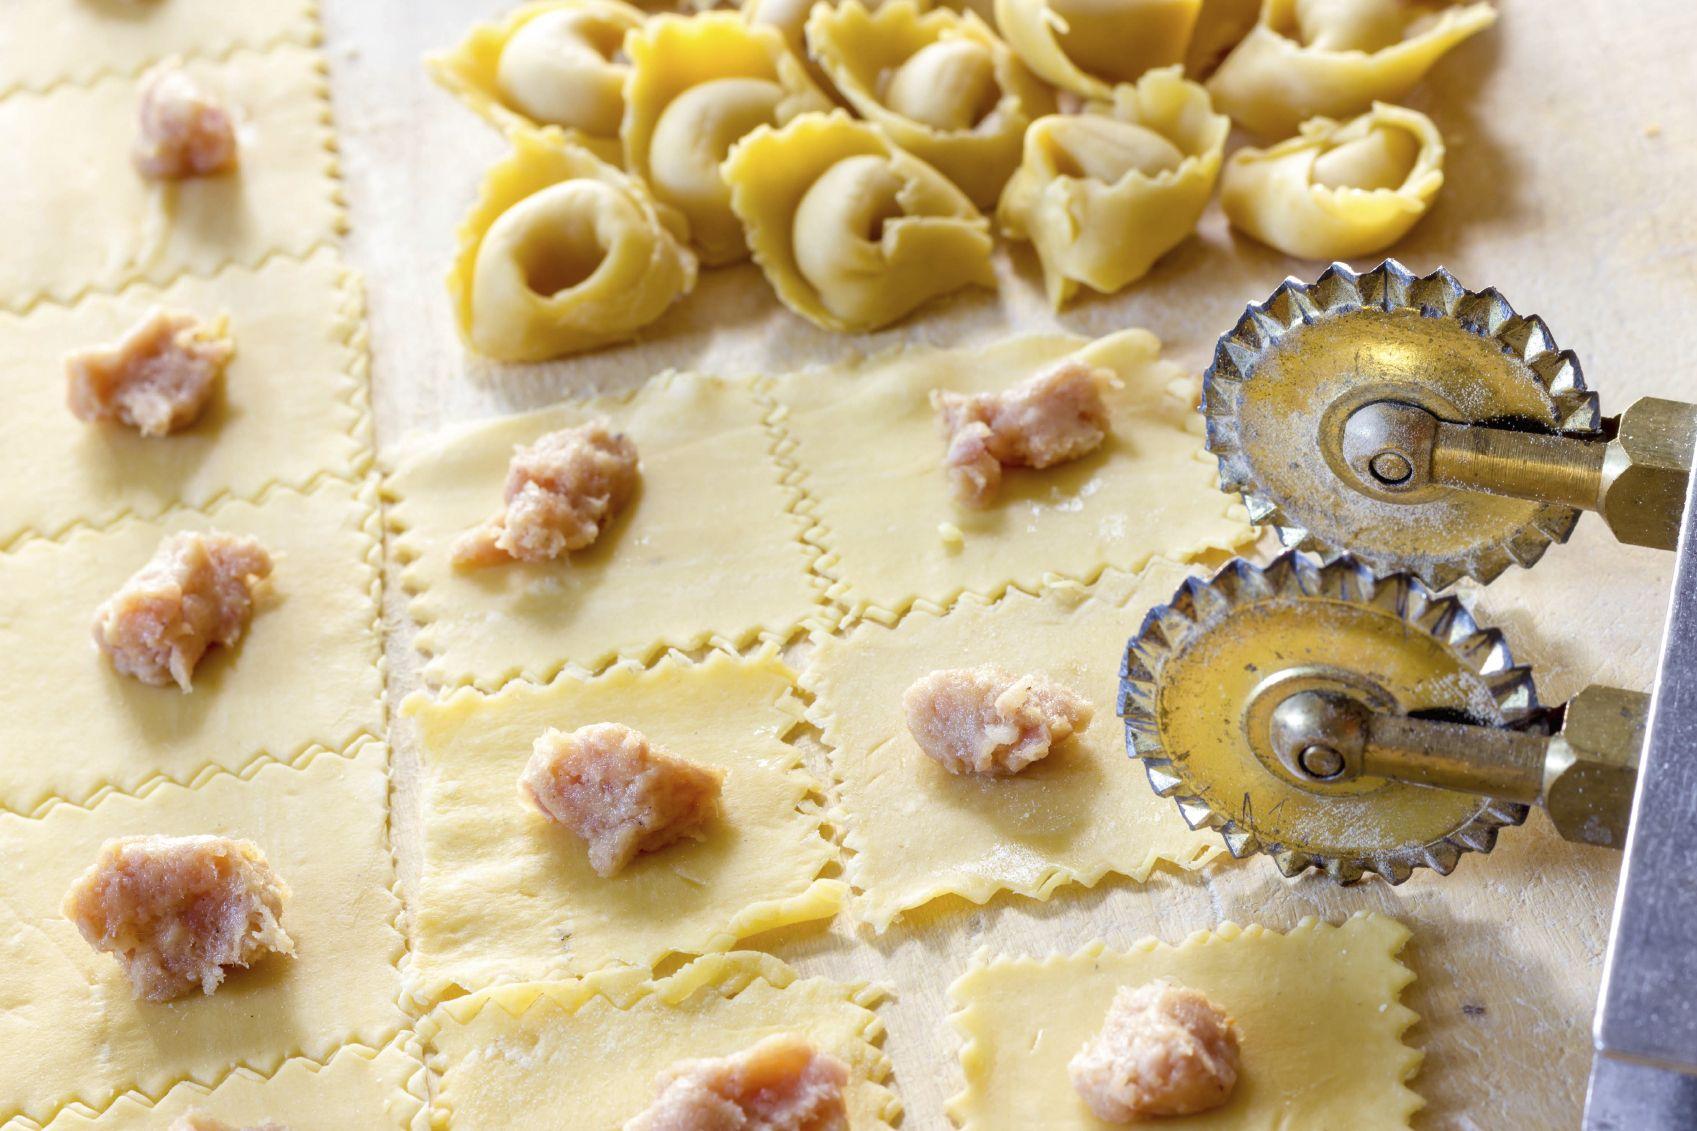 Come Si Fanno I Tortellini La Cucina Italiana Tortellini Tortellini Fatti In Casa Ricette Di Cucina